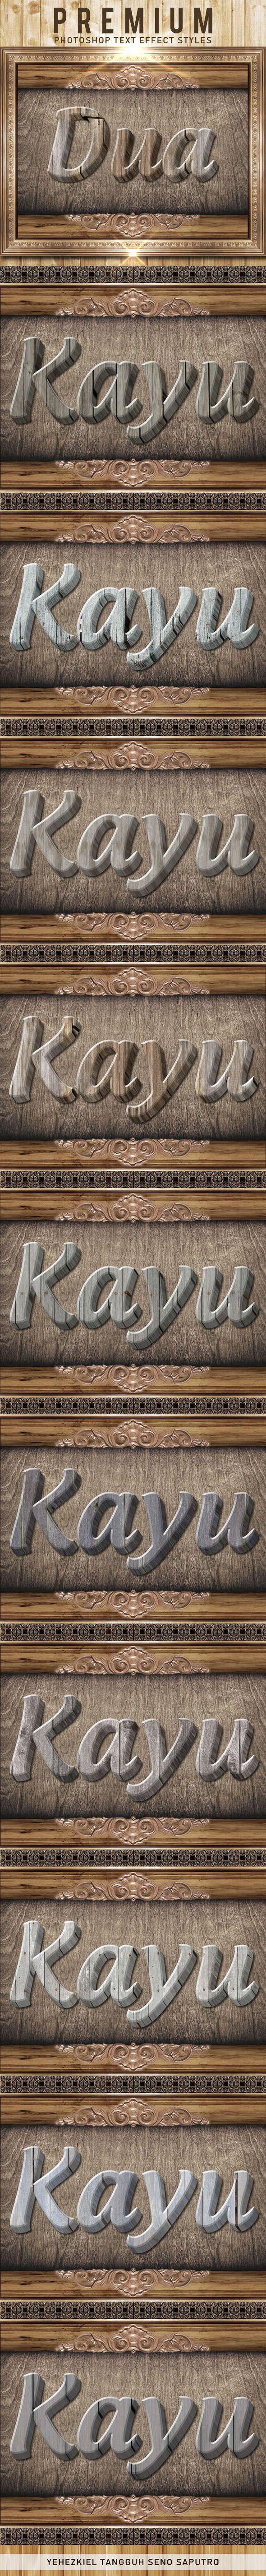 10 Tekstur Kayu 3D_2